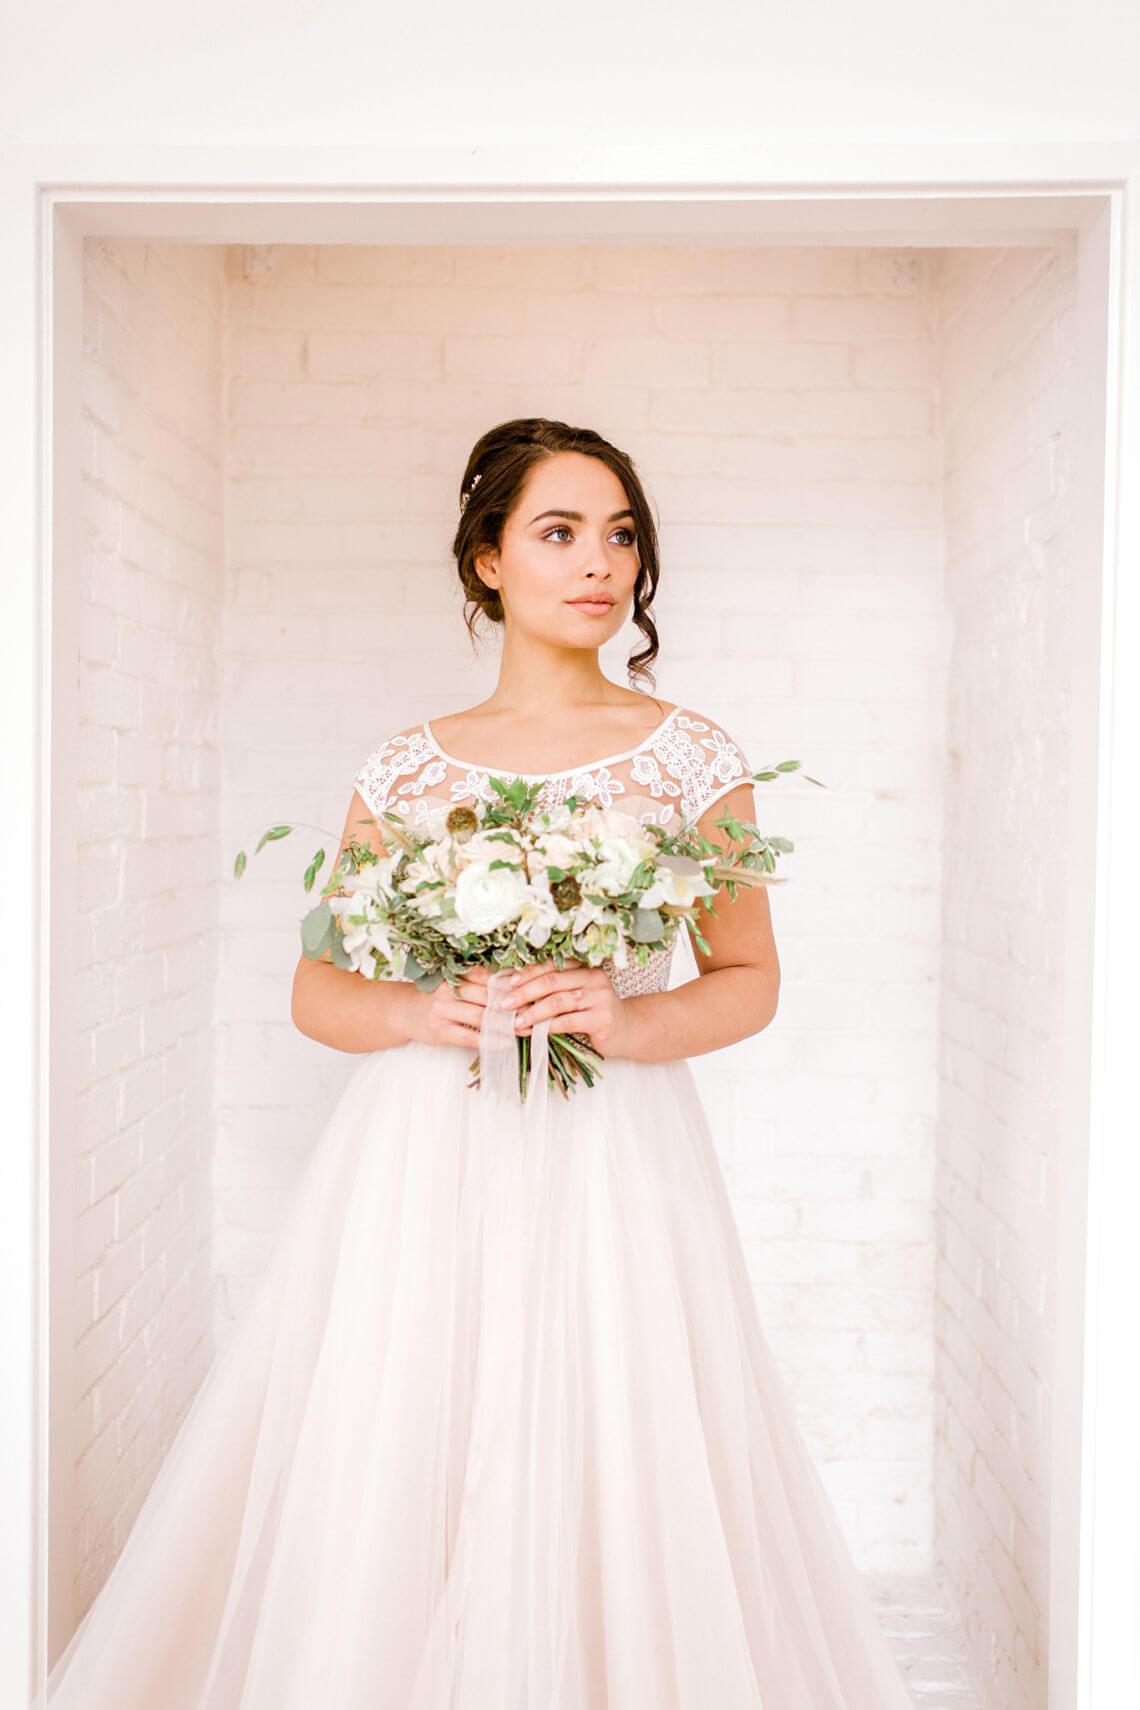 essex-wedding-planner-beautiful-wedding-bouquet.jpg